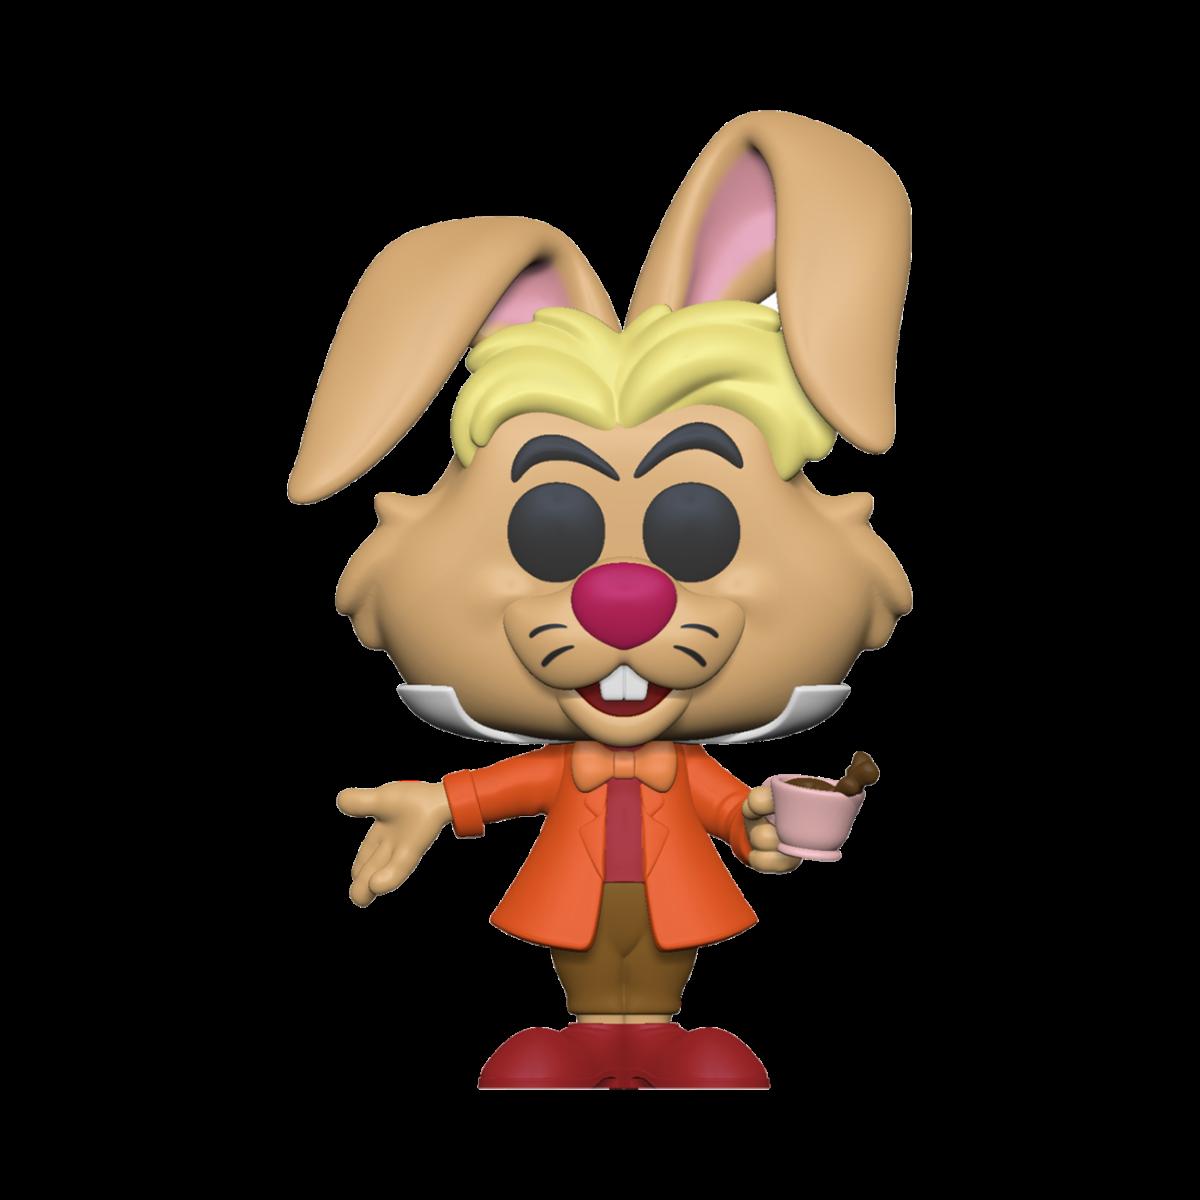 Pré-commande! Alice au pays des merveilles - Bobble Head Funko Pop : March Hare